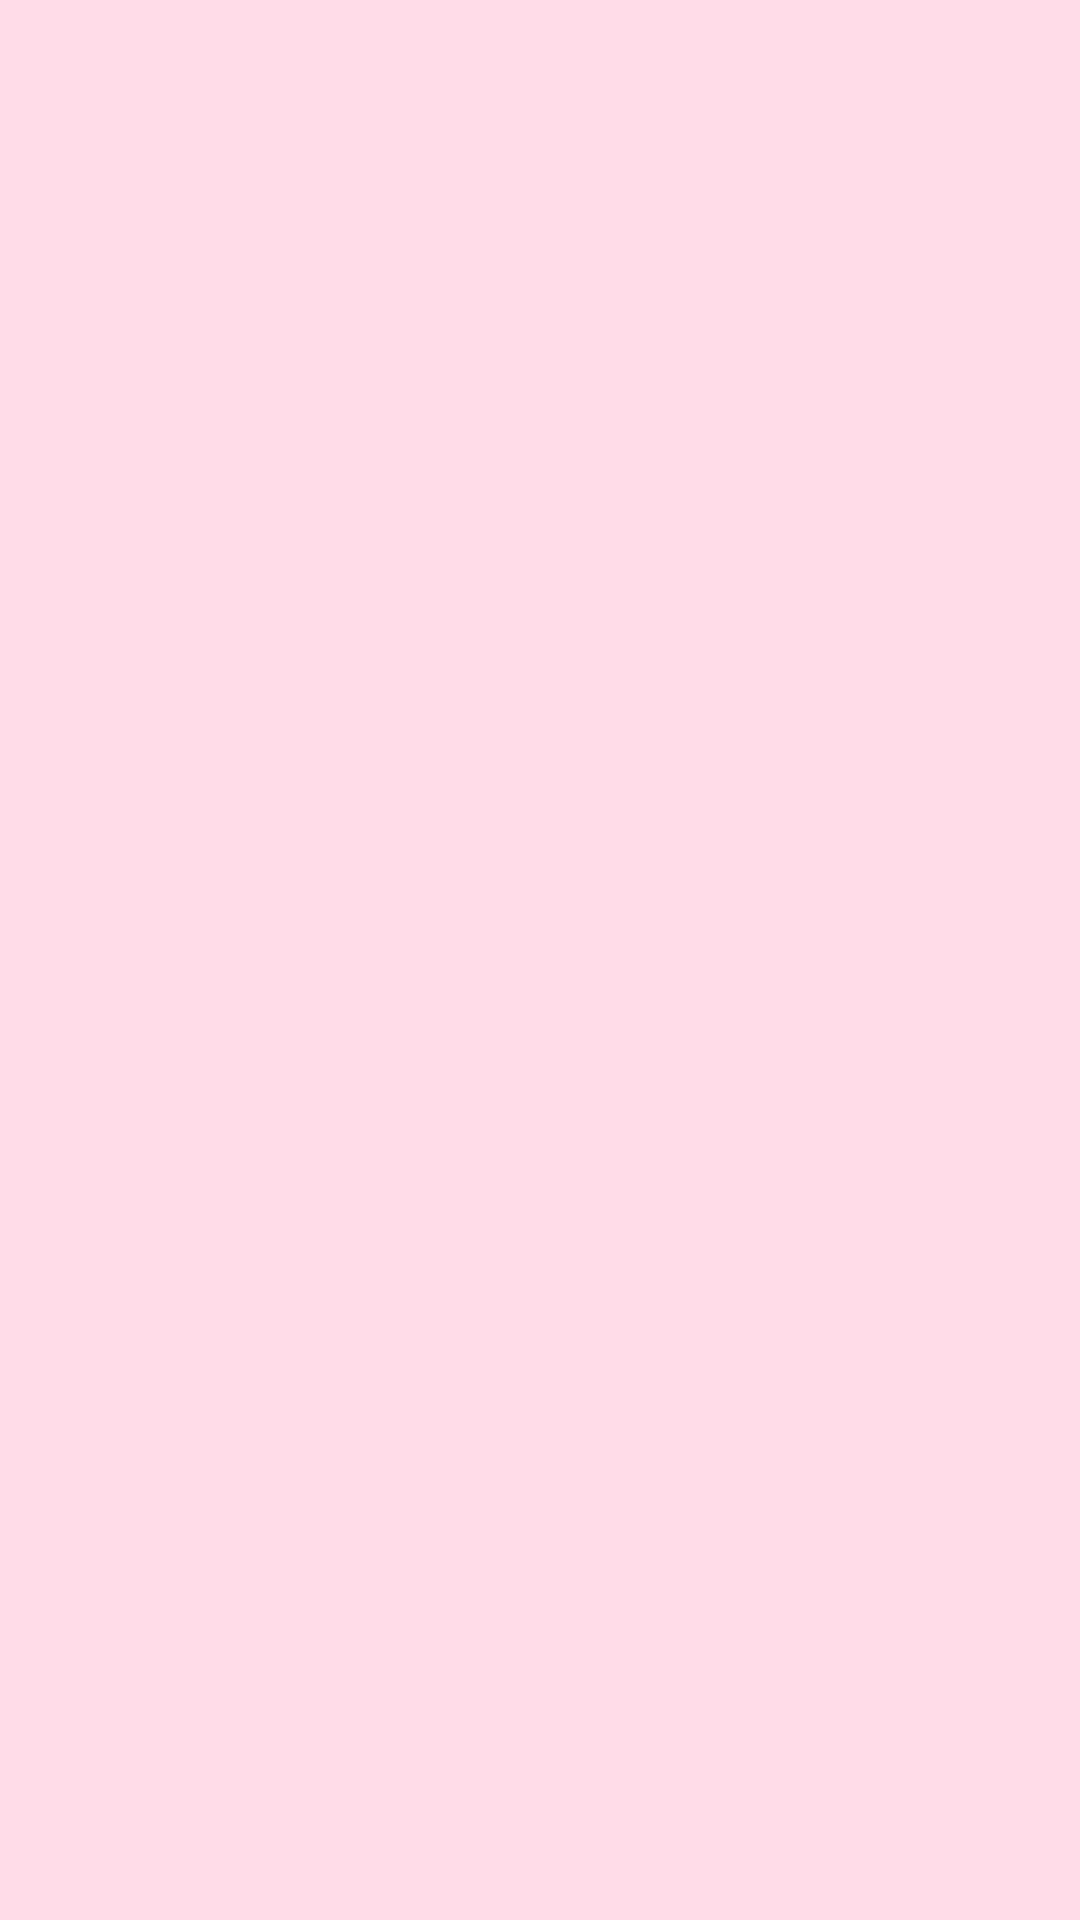 Hình nền màu hồng 1080x1920 tại Hình nền máy tính miễn phí